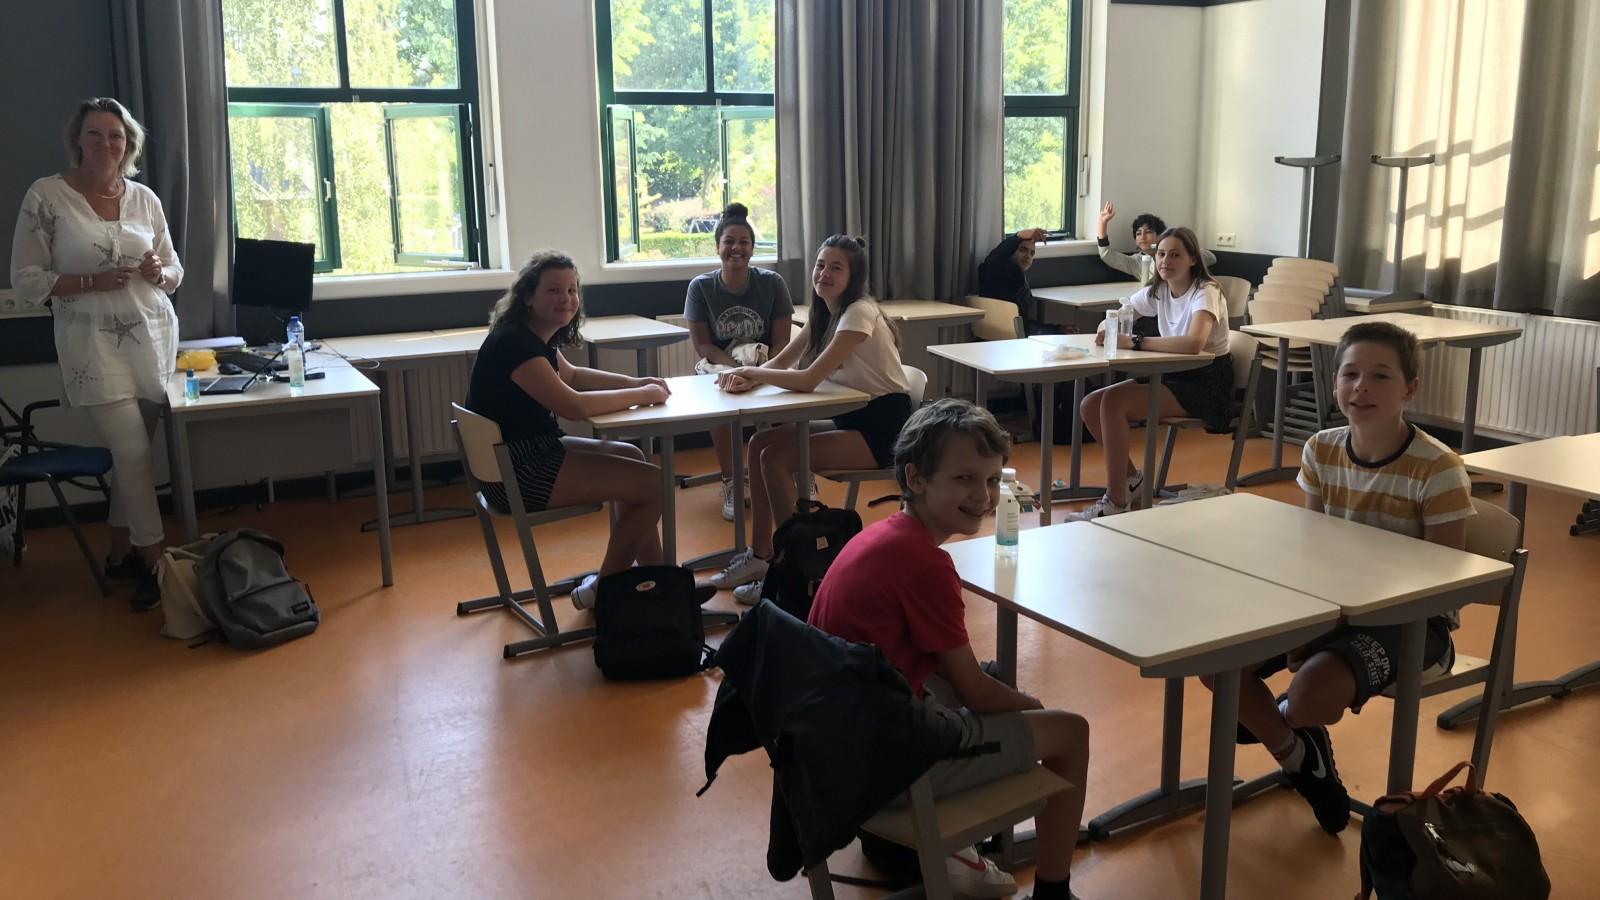 """Hilversumse middelbare school ontvangt weer leerlingen en minister: """"Het voelt als thuiskomen"""""""